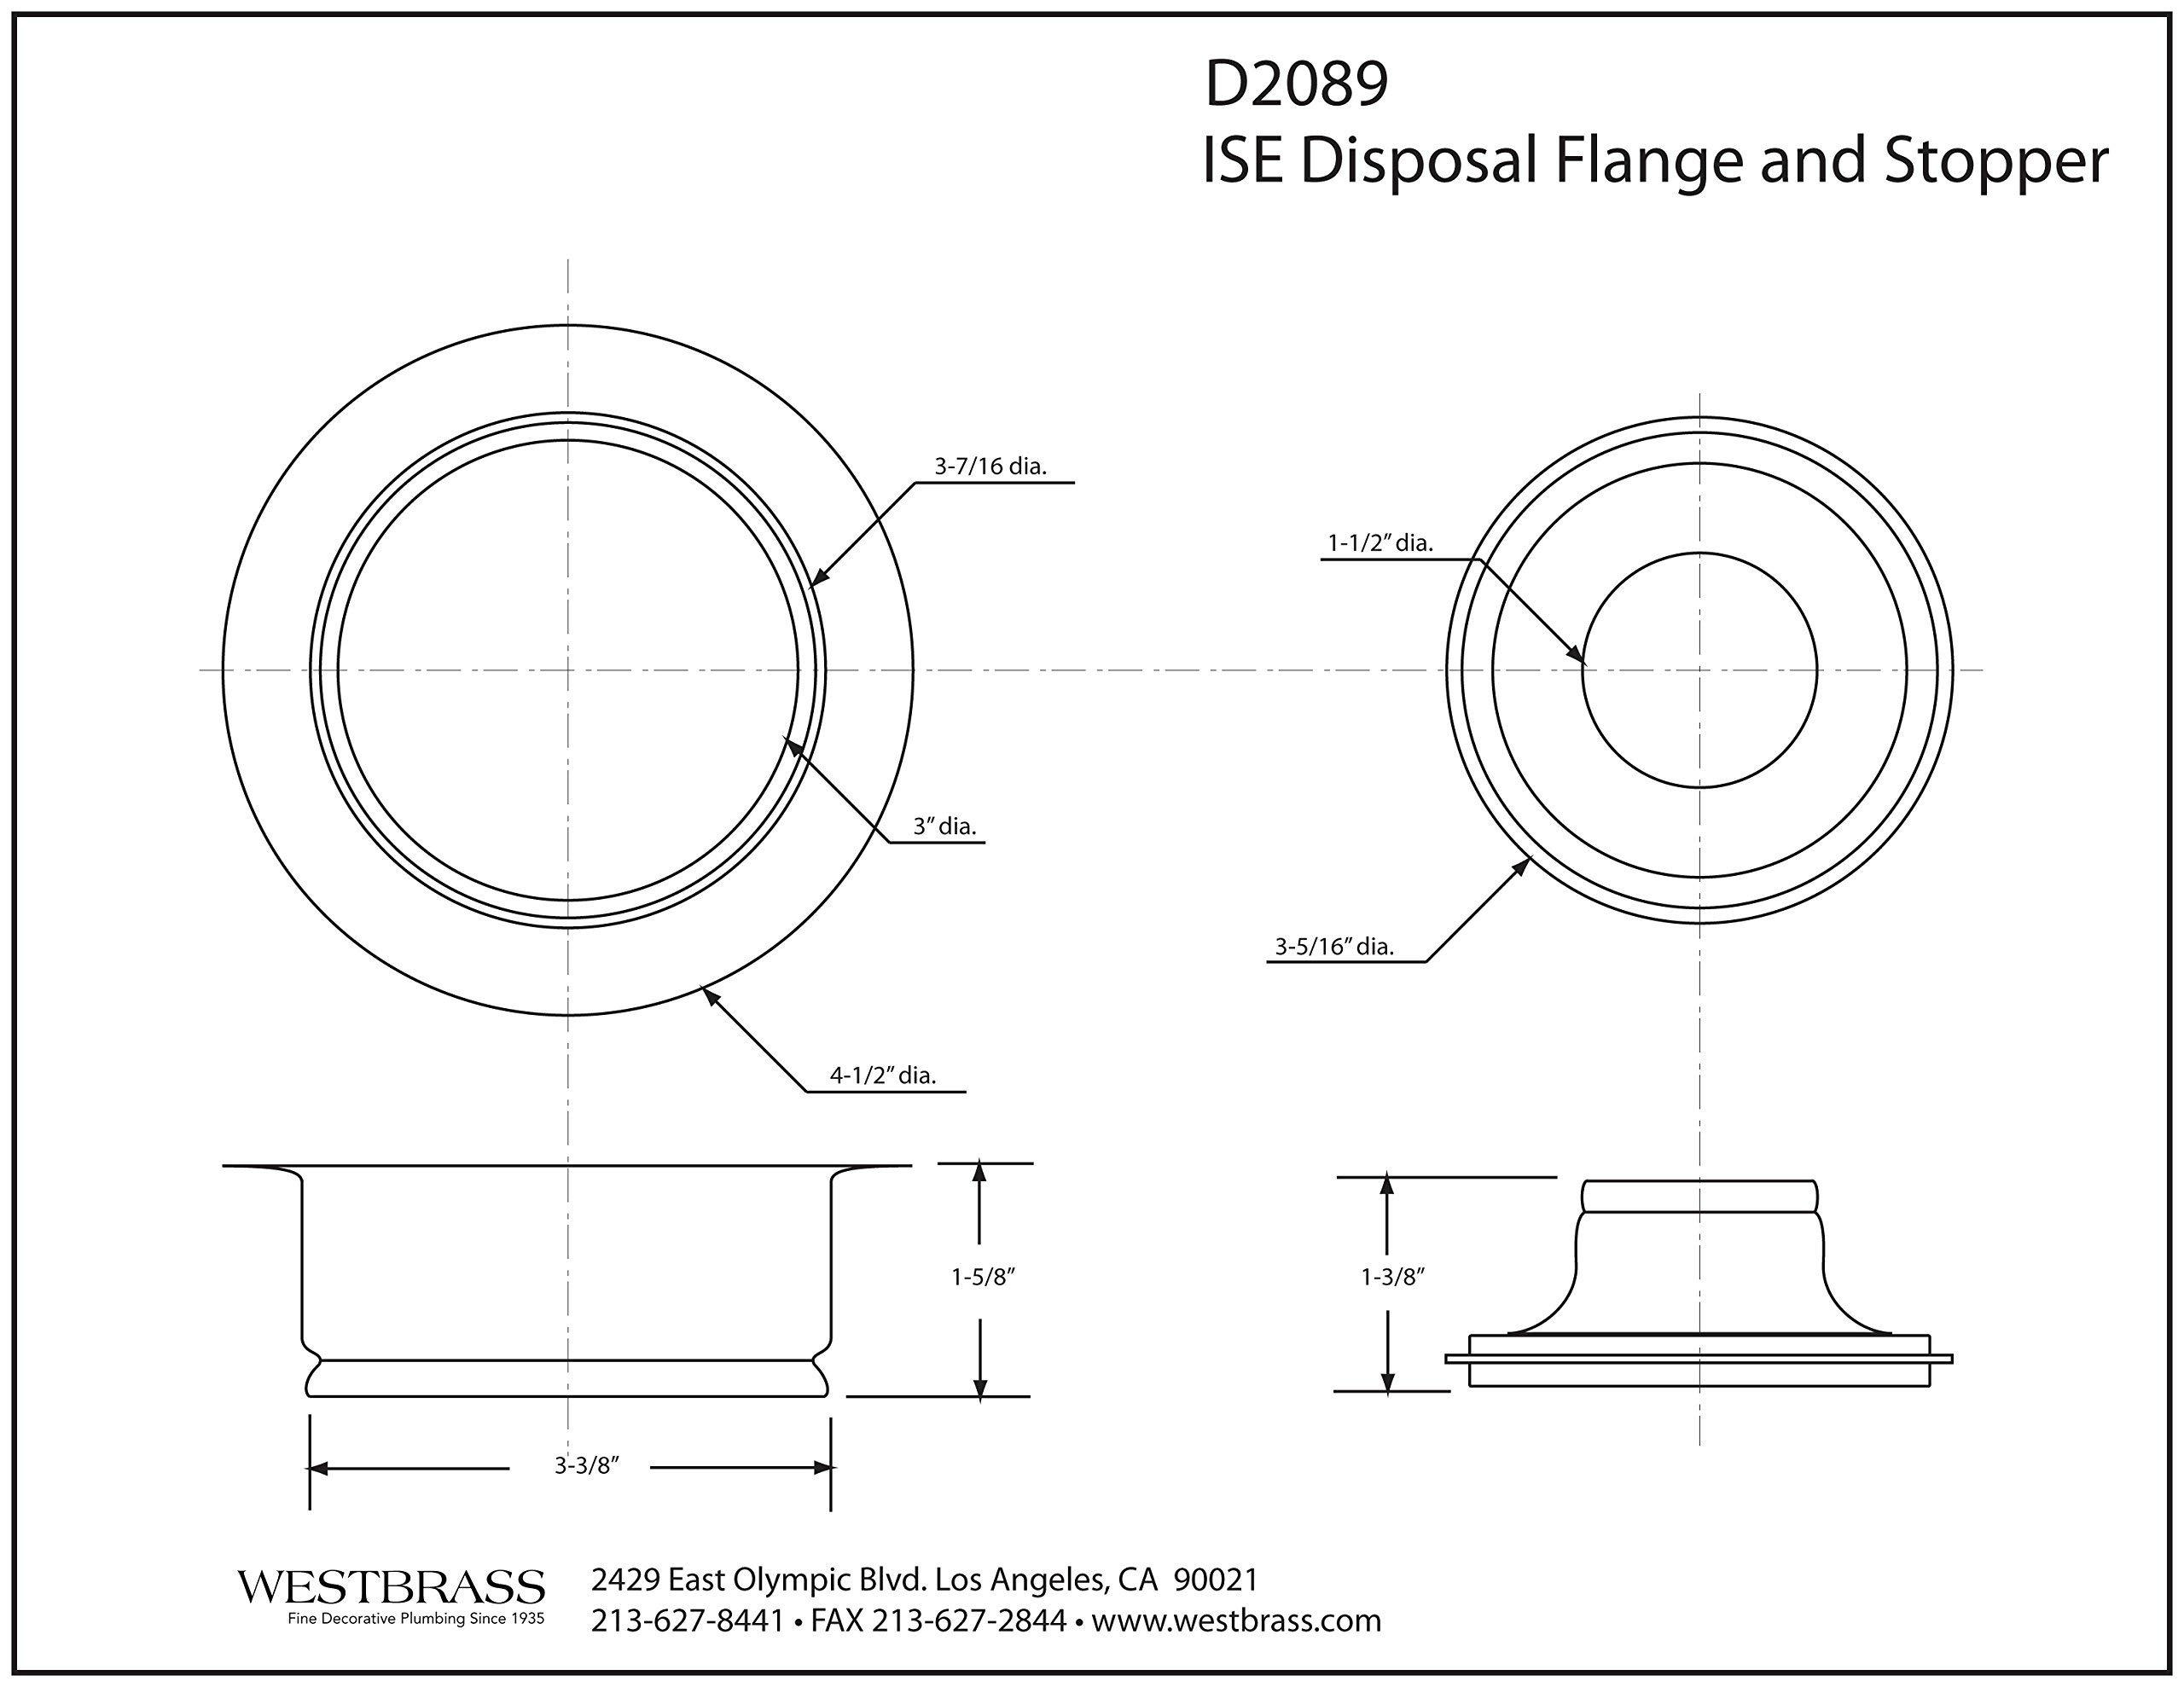 Westbrass InSinkErator Style Disposal Flange & Stopper, Matte Black, D2089-62 (Renewed) by Westbrass (Image #2)